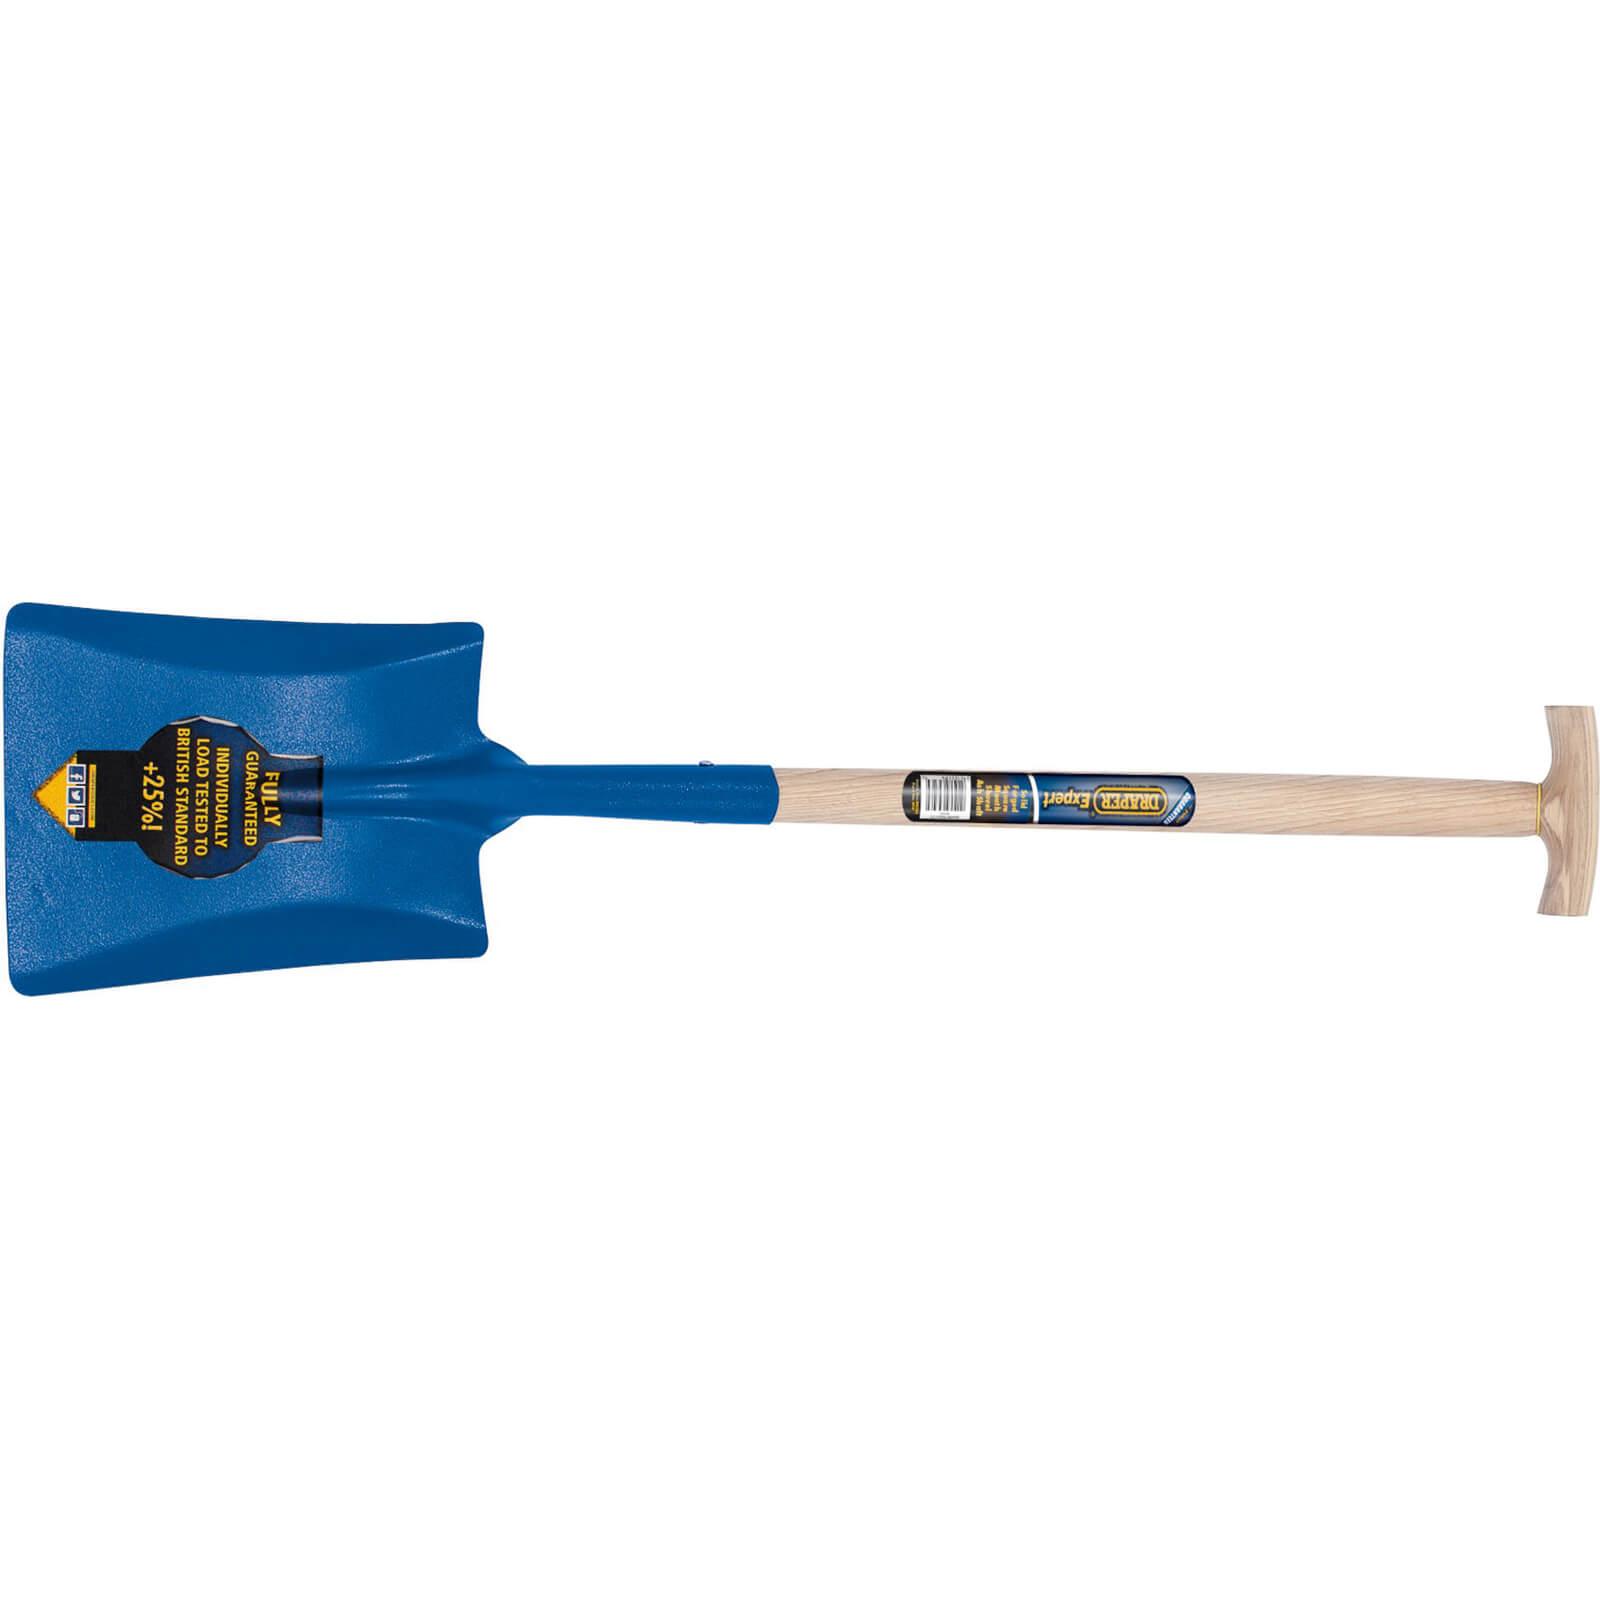 Draper Square Mouth Shovel